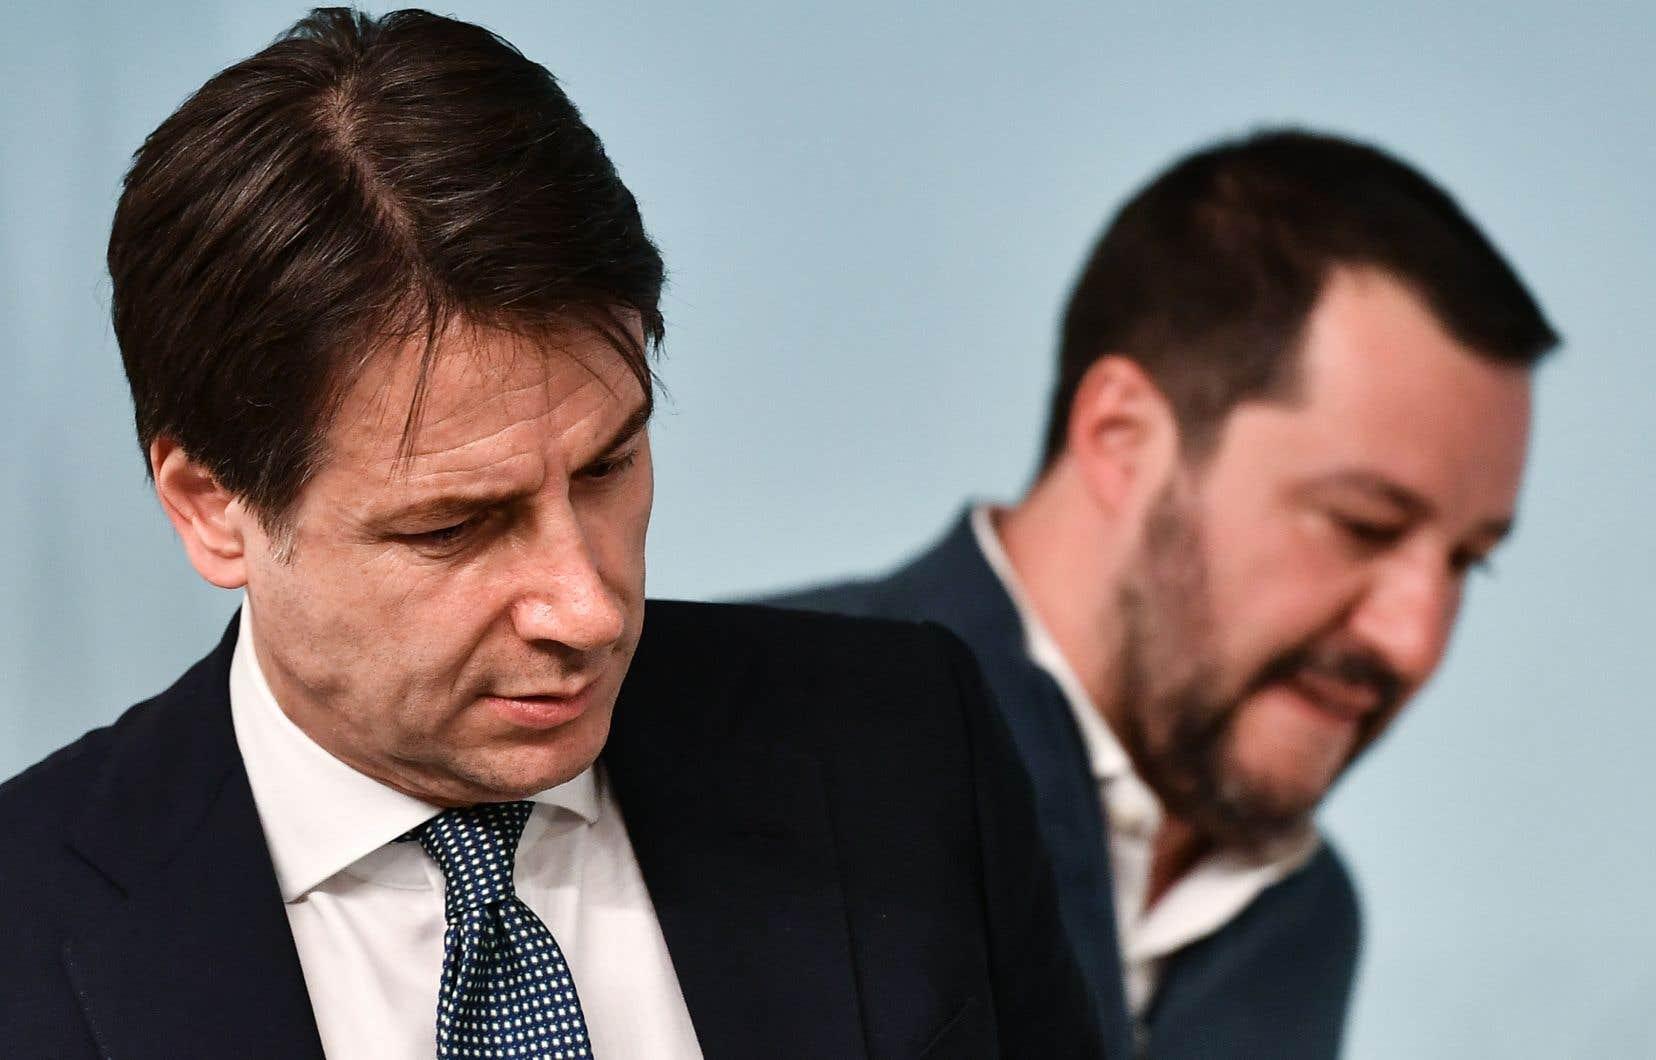 Sur cette photo prise le 14 janvier 2019, le Premier ministre italien Giuseppe Conte (à gauche) et le ministre italien de l'Intérieur et vice-premier ministre Matteo Salvini assistent à une conférence de presse au Palazzo Chigi à Rome.